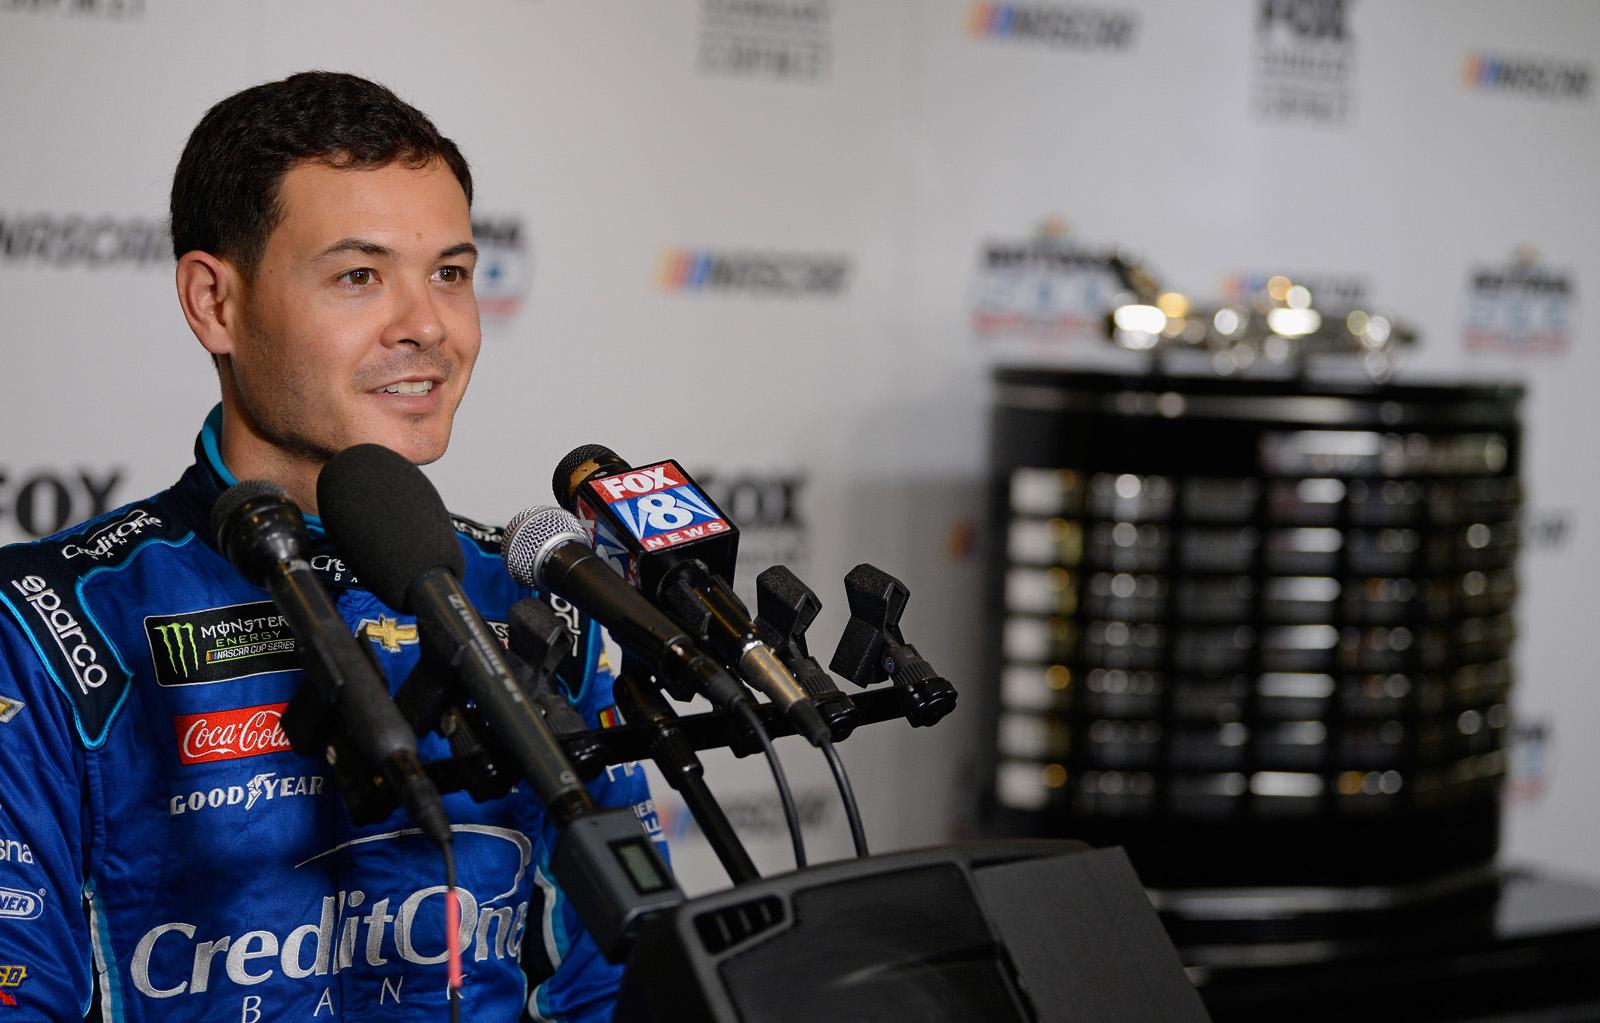 Daytona International Speedway – Media Day